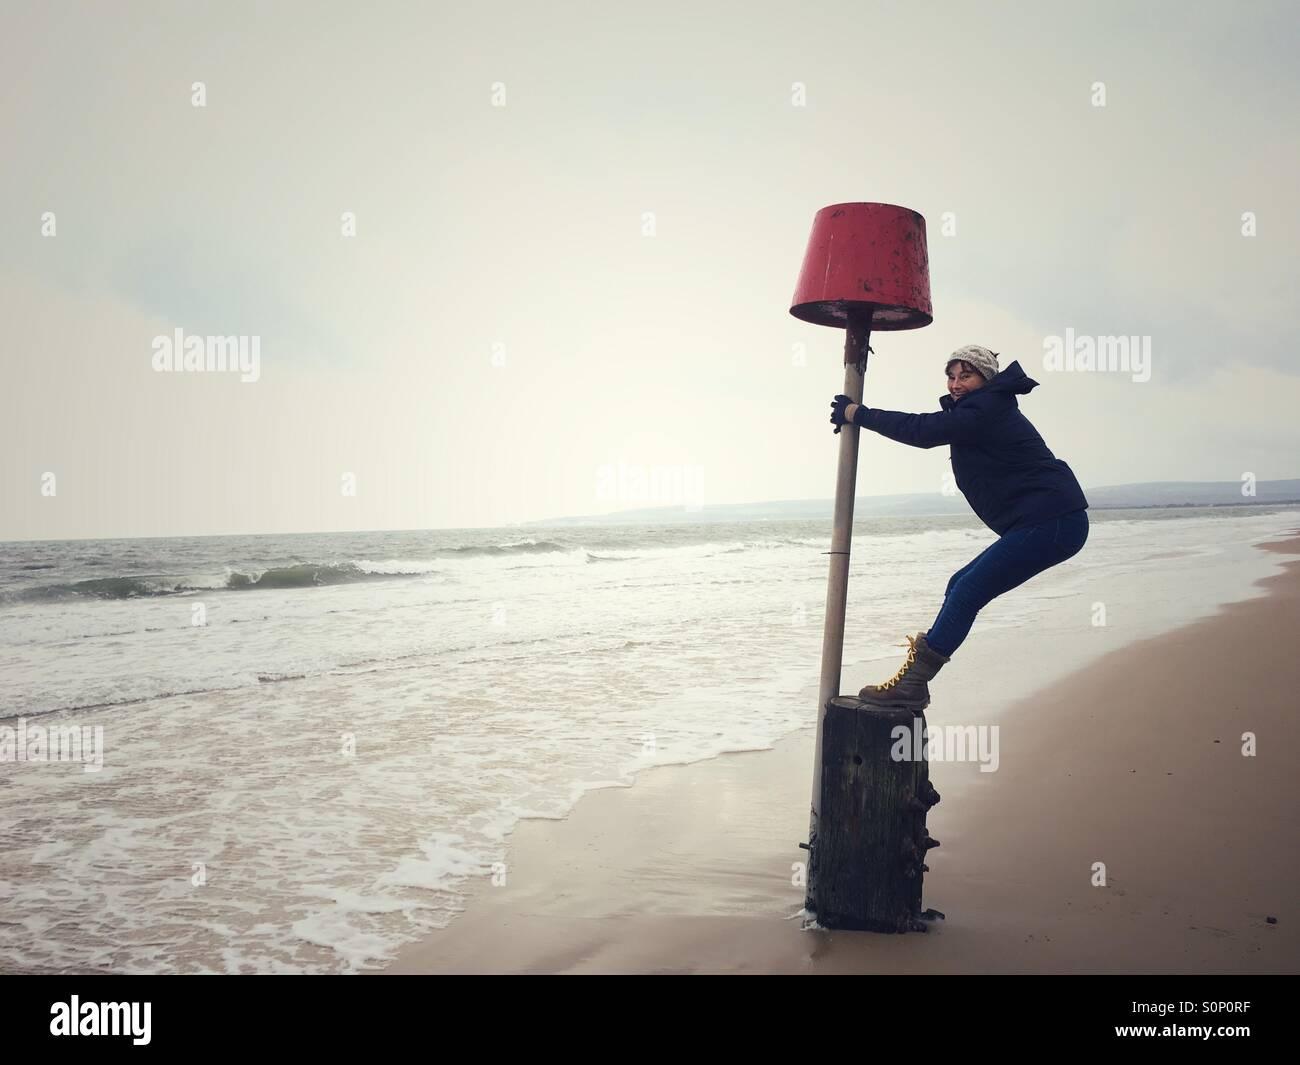 Femme avoir du plaisir en équilibre sur bouée repère sur Dorset plage en hiver Photo Stock